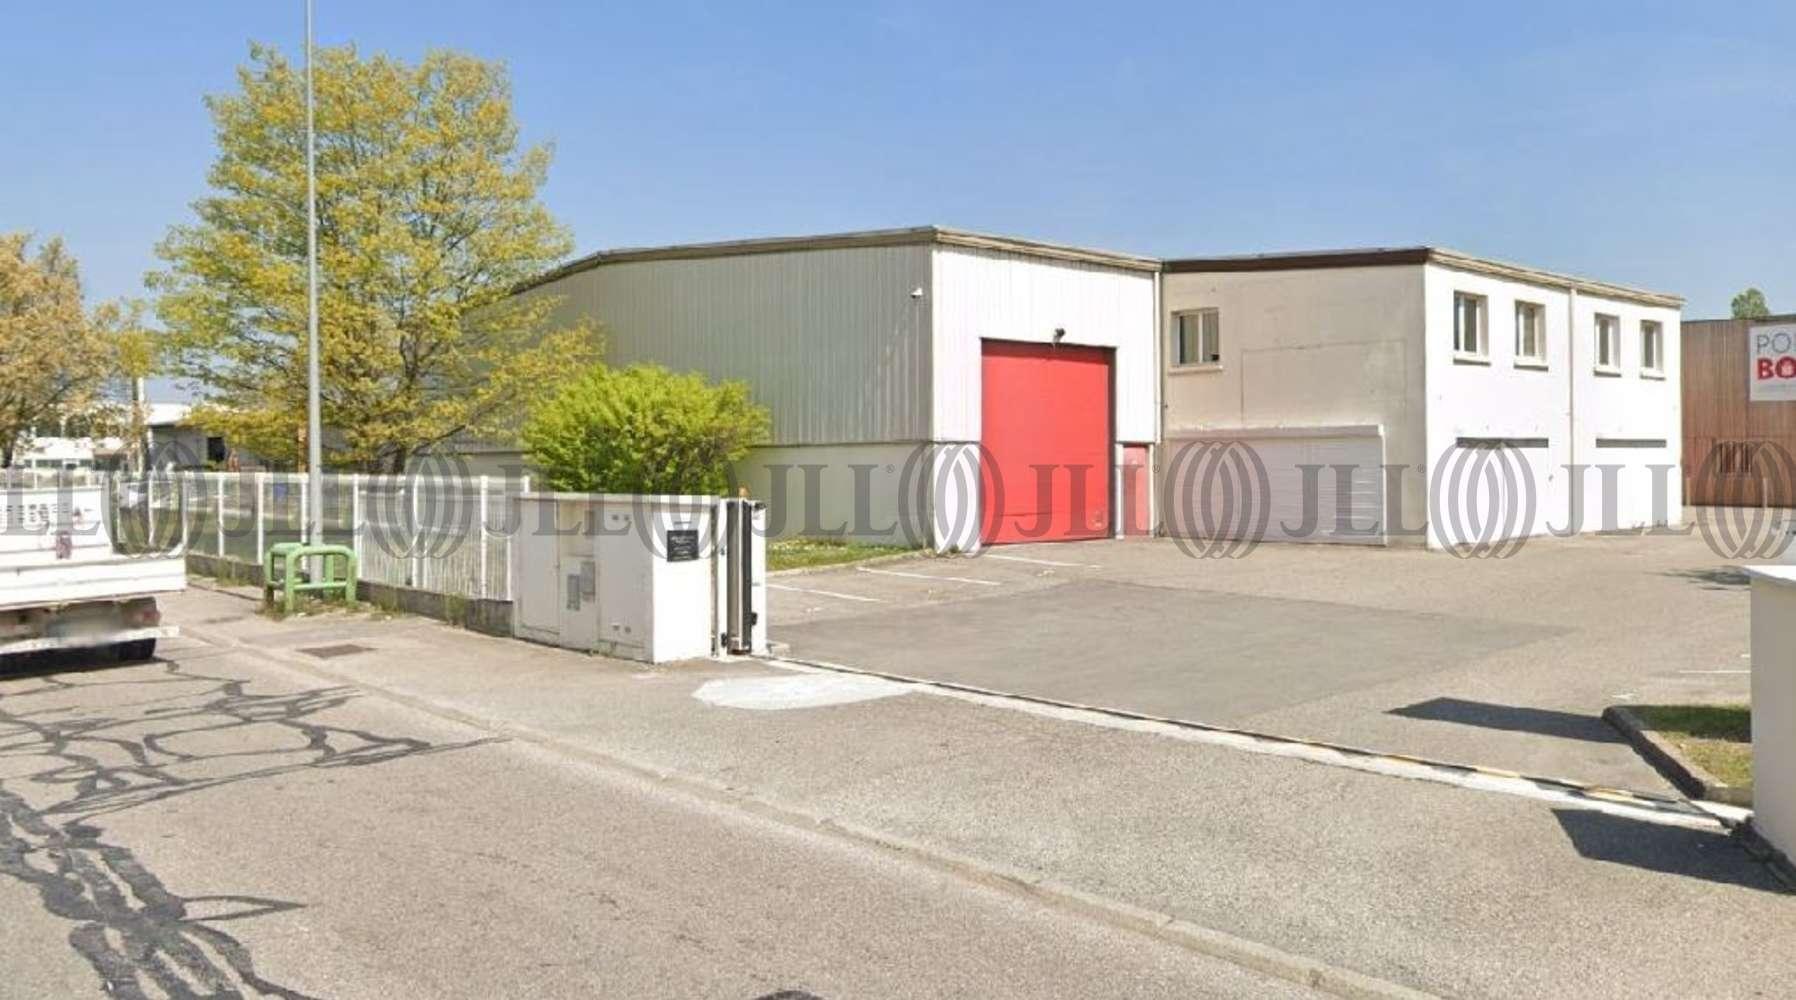 Activités/entrepôt Chassieu, 69680 - ENTREPOT À LOUER CHASSIEU - LYON EST - 10692282